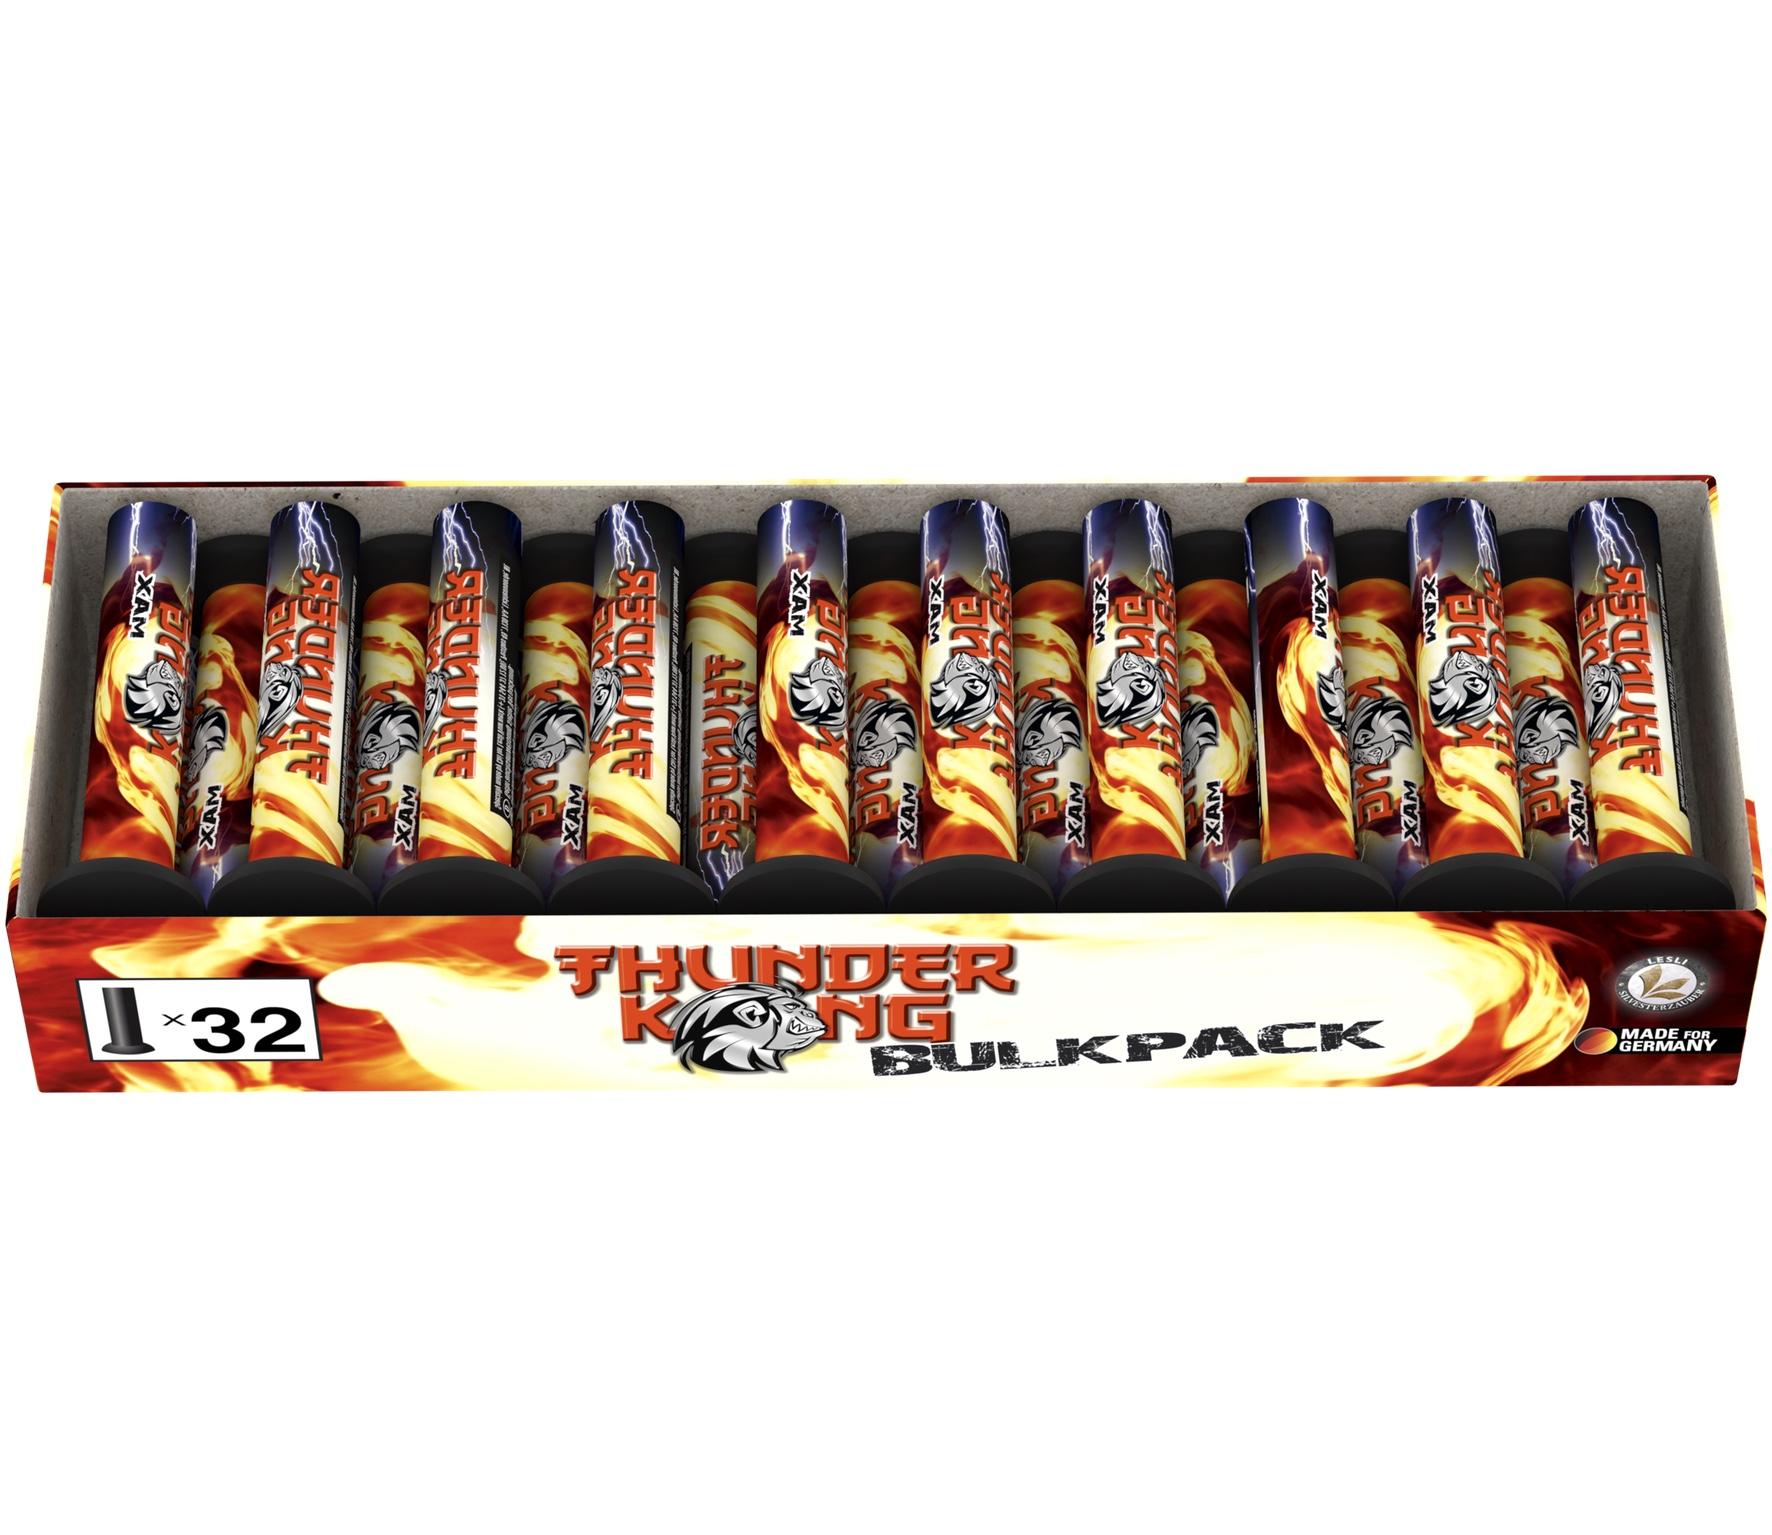 ThunderKing Bulkpack